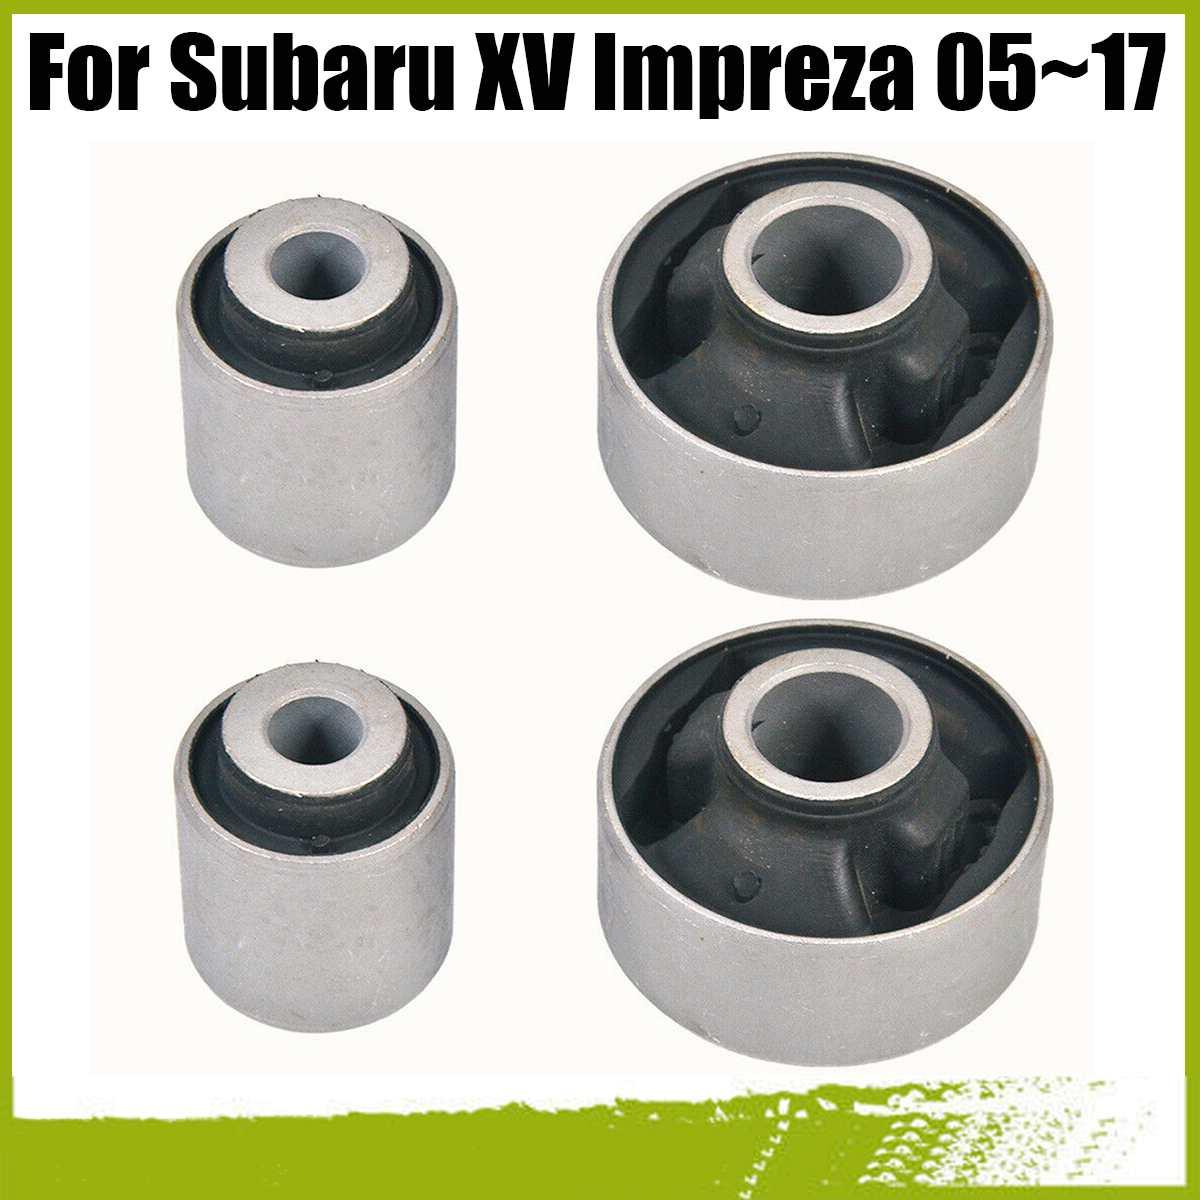 Przedni dolny tuleja wahacza poprzecznego zestaw 4 sztuk dla Subaru WRX 14-18 Impreza 05-17 dziedzictwo 03-18 Forester 08-17 Outback 03-18 XV 12-17